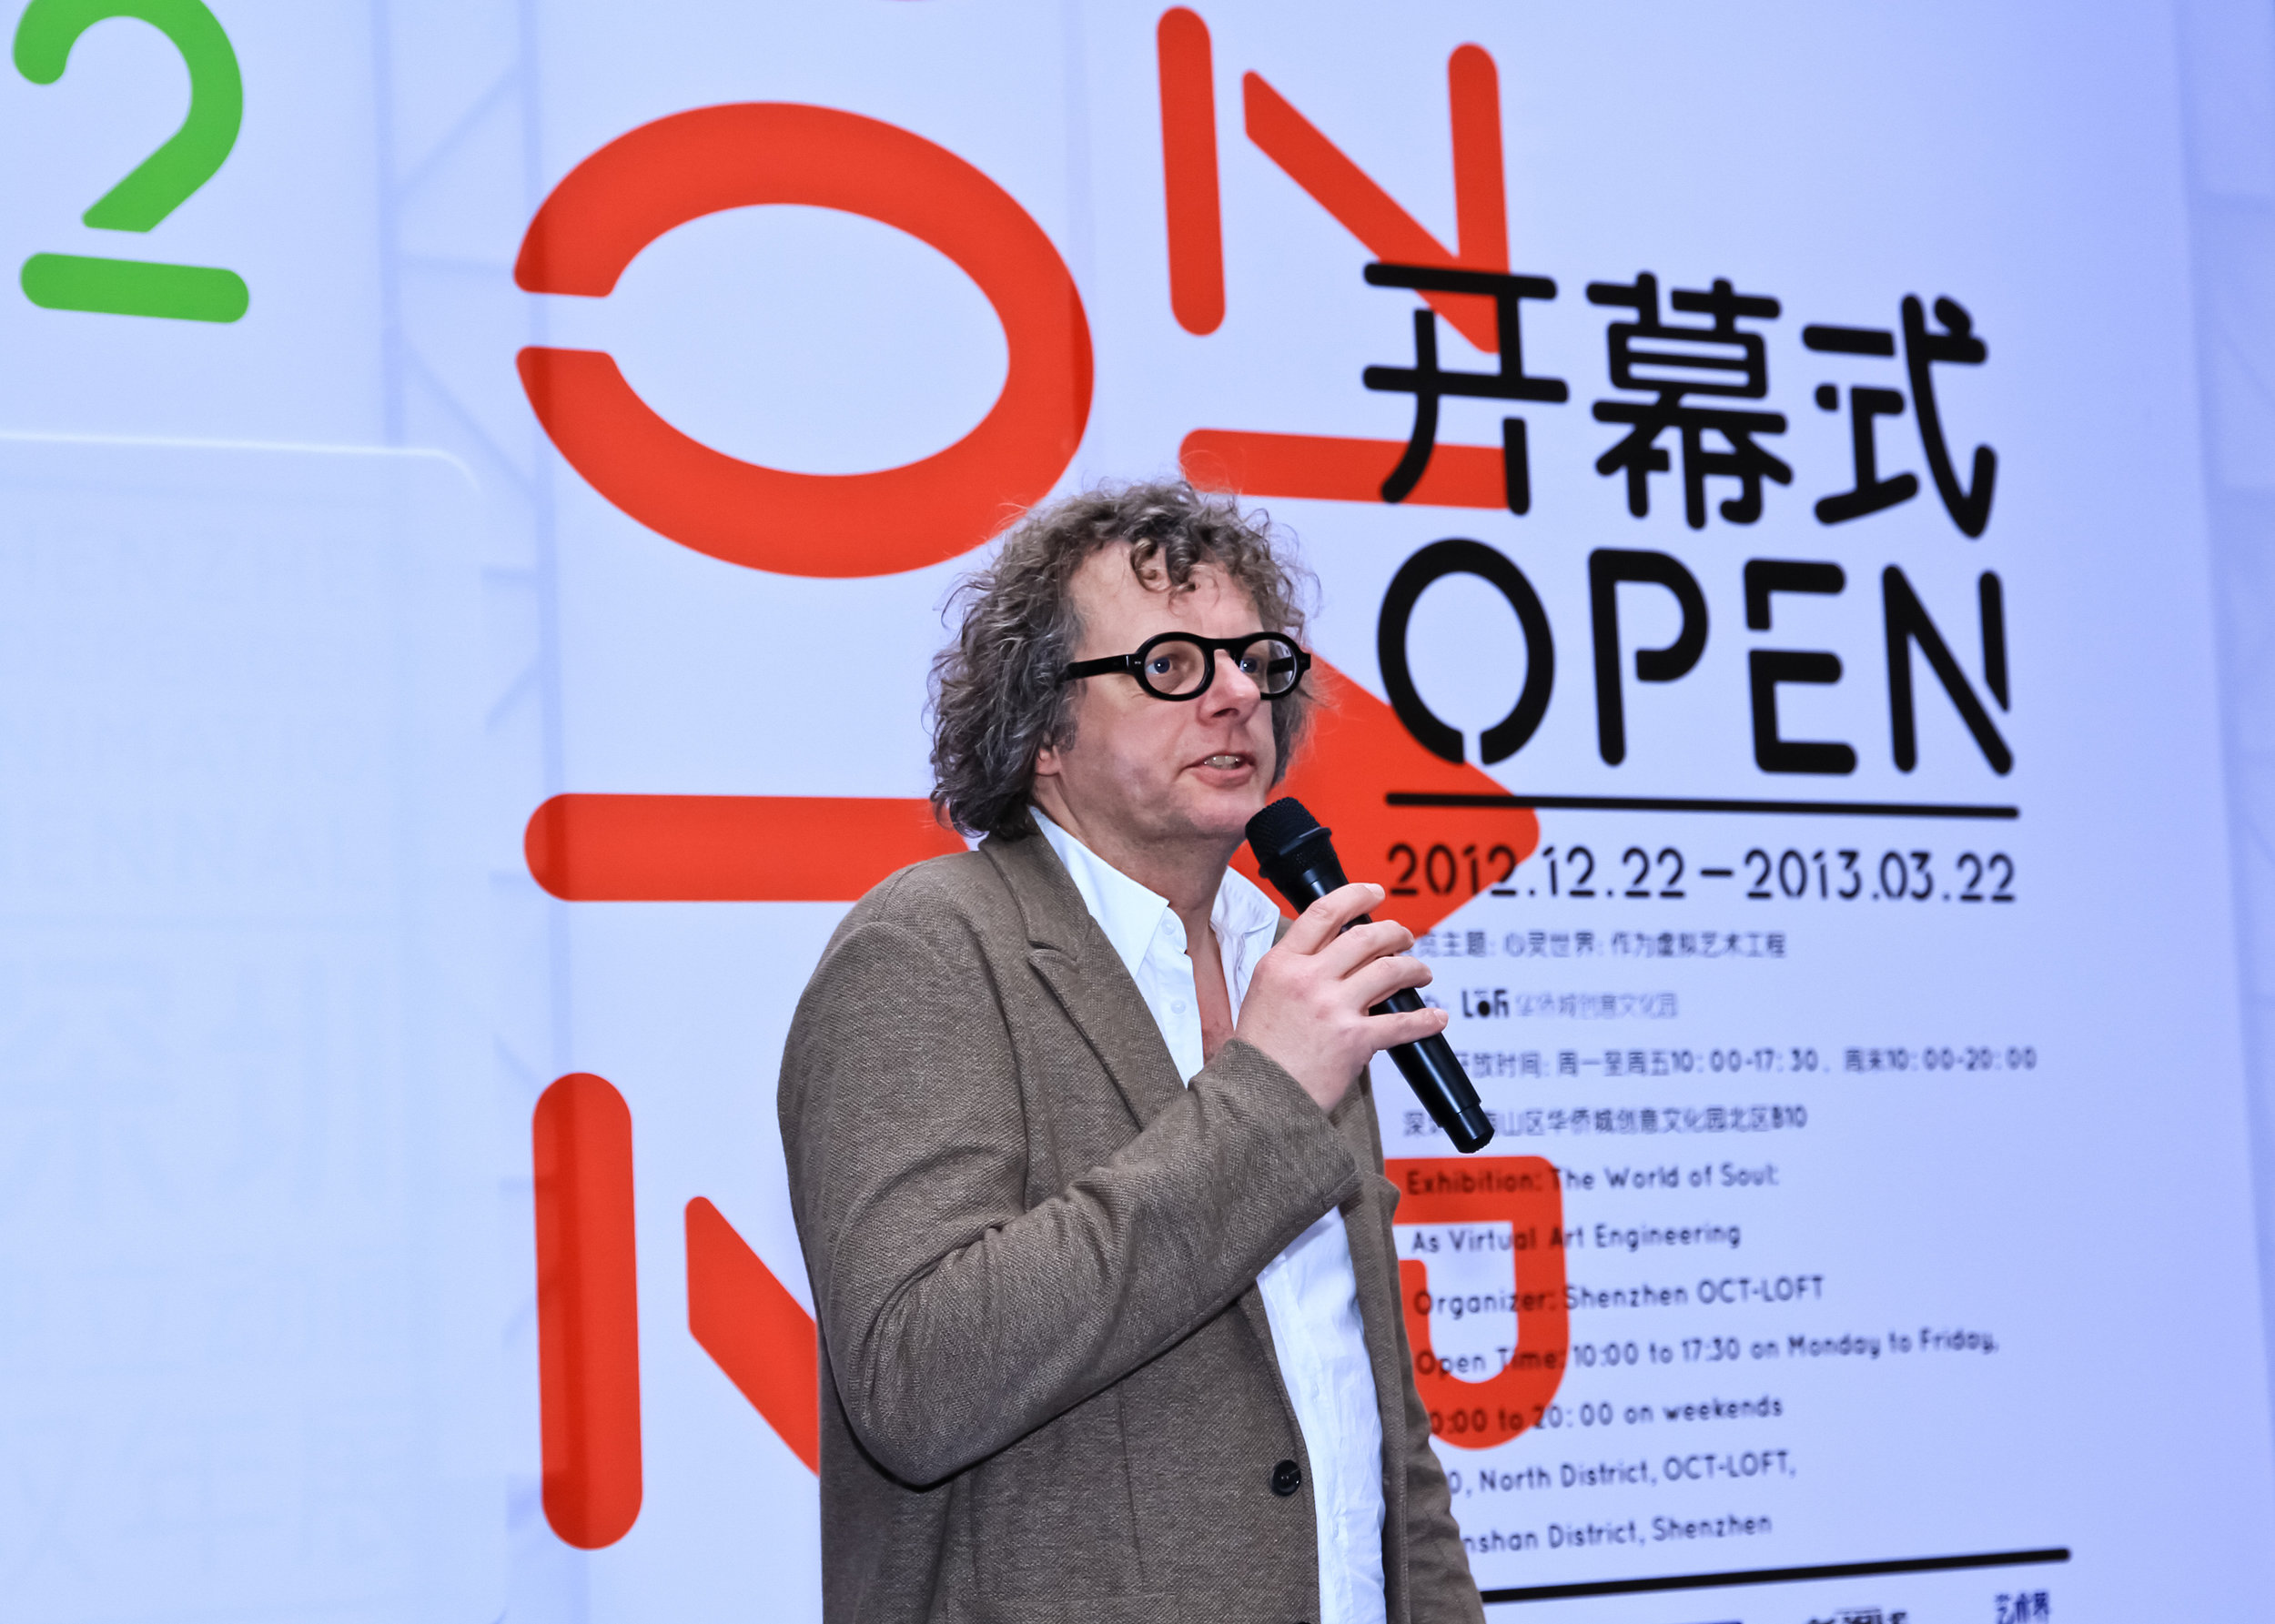 20121222首届深圳独立动画双年展12 欧阳勇 摄影.jpg